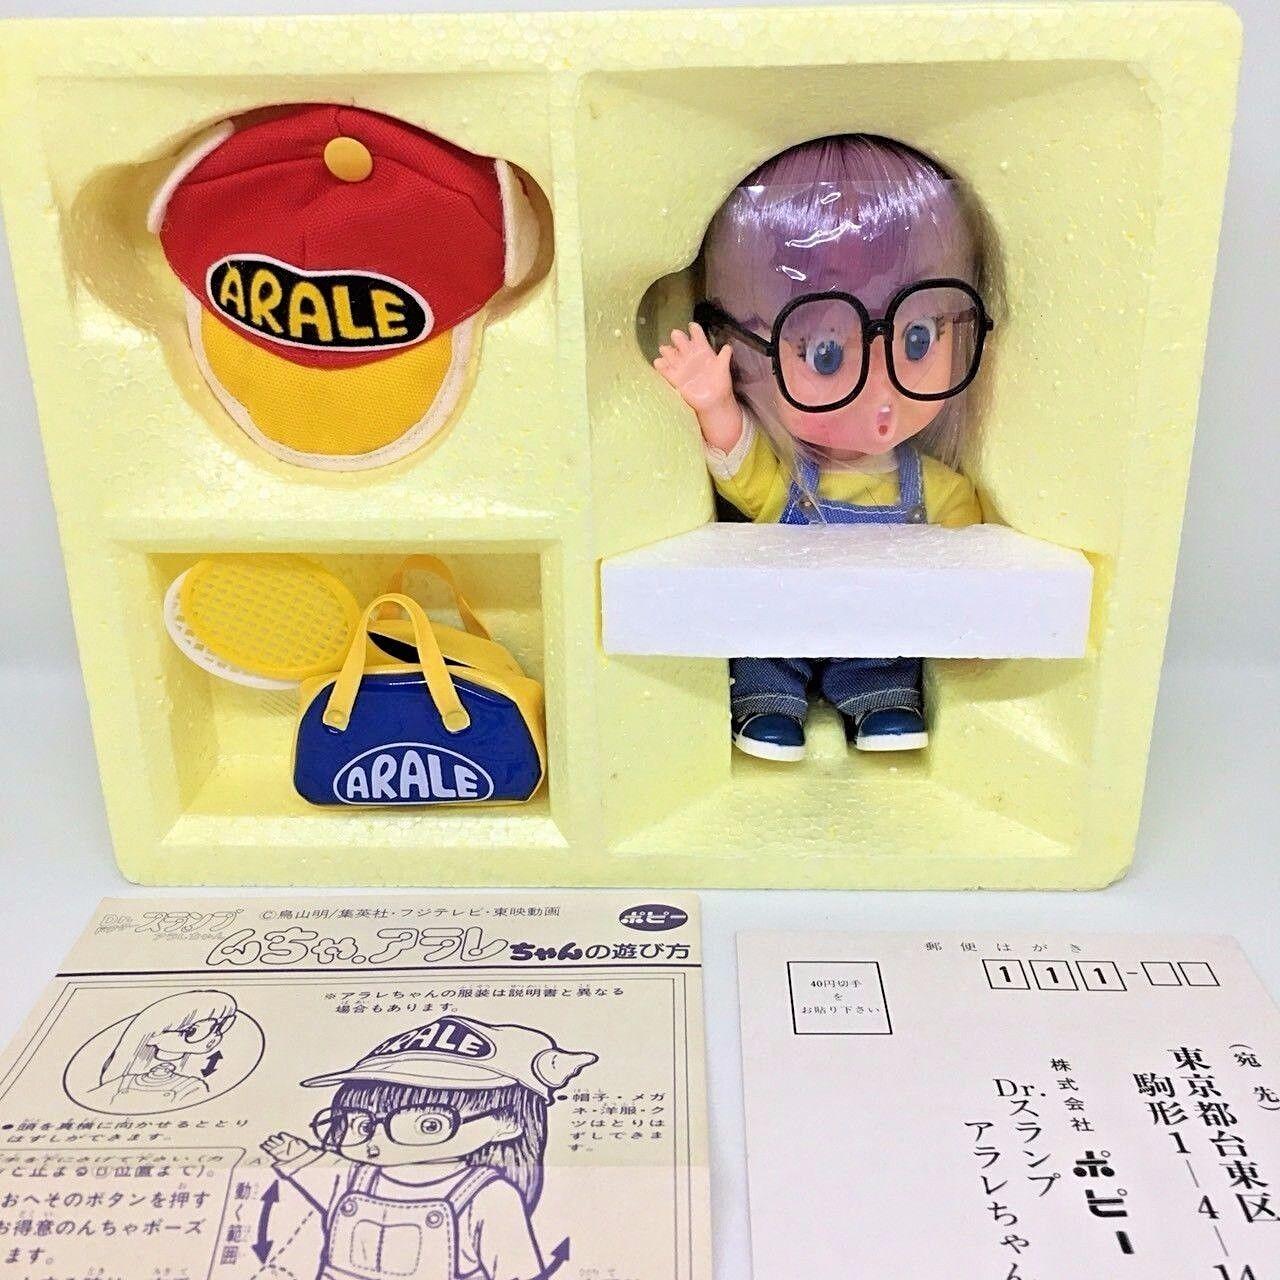 orden en línea Vintage Rara Popy Arale Chan Dr. bajón bajón bajón Japonés Anime Figura de Vinilo Suave Juguete Regalo  soporte minorista mayorista